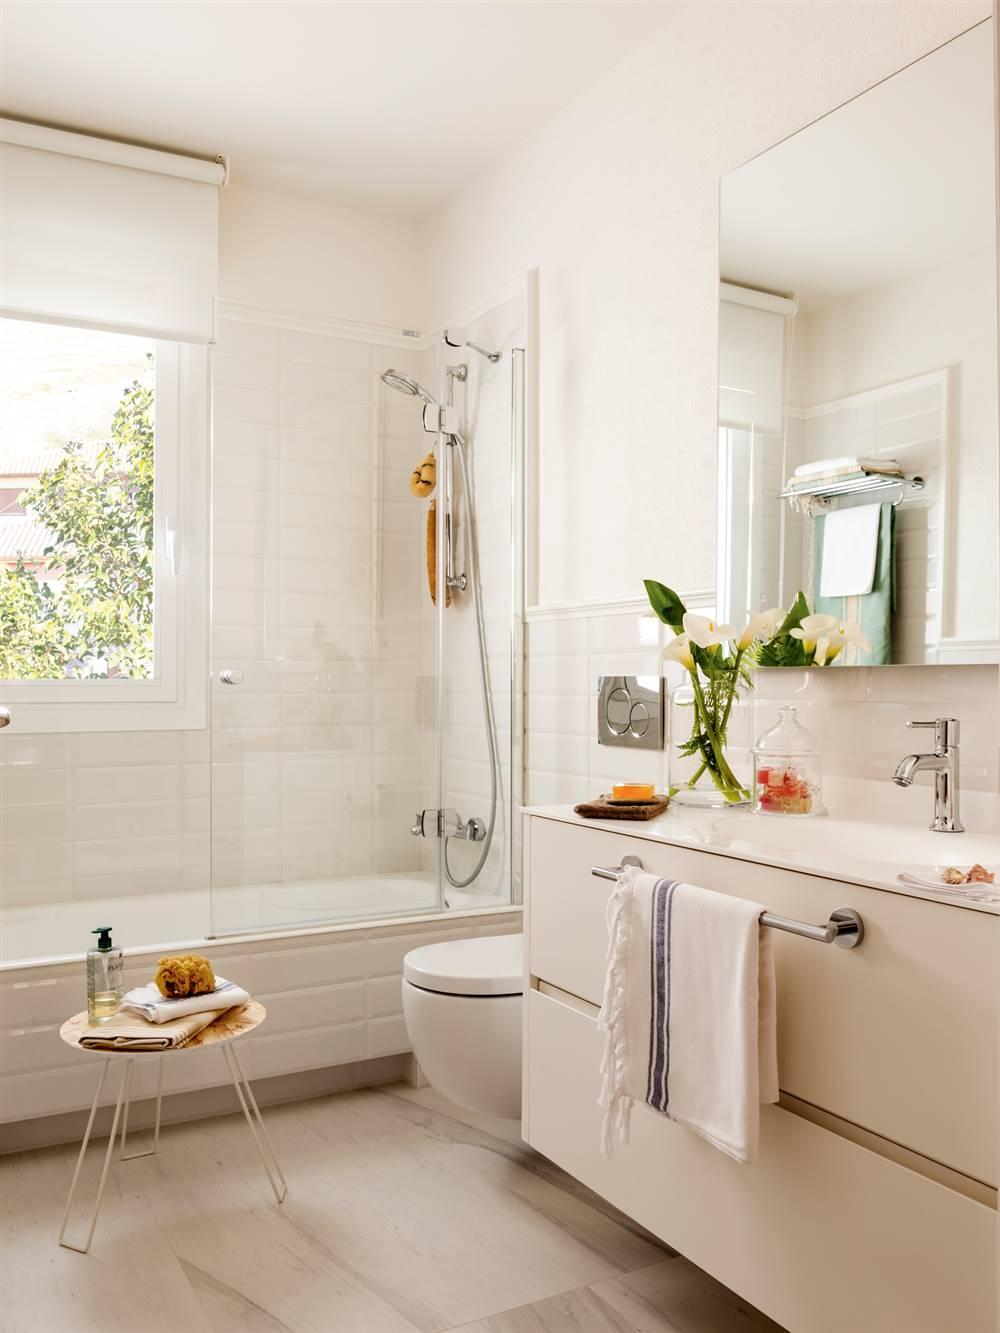 baño con bañera y mampara e inodoro suspendido detrás mueble bajolavabo_00411868